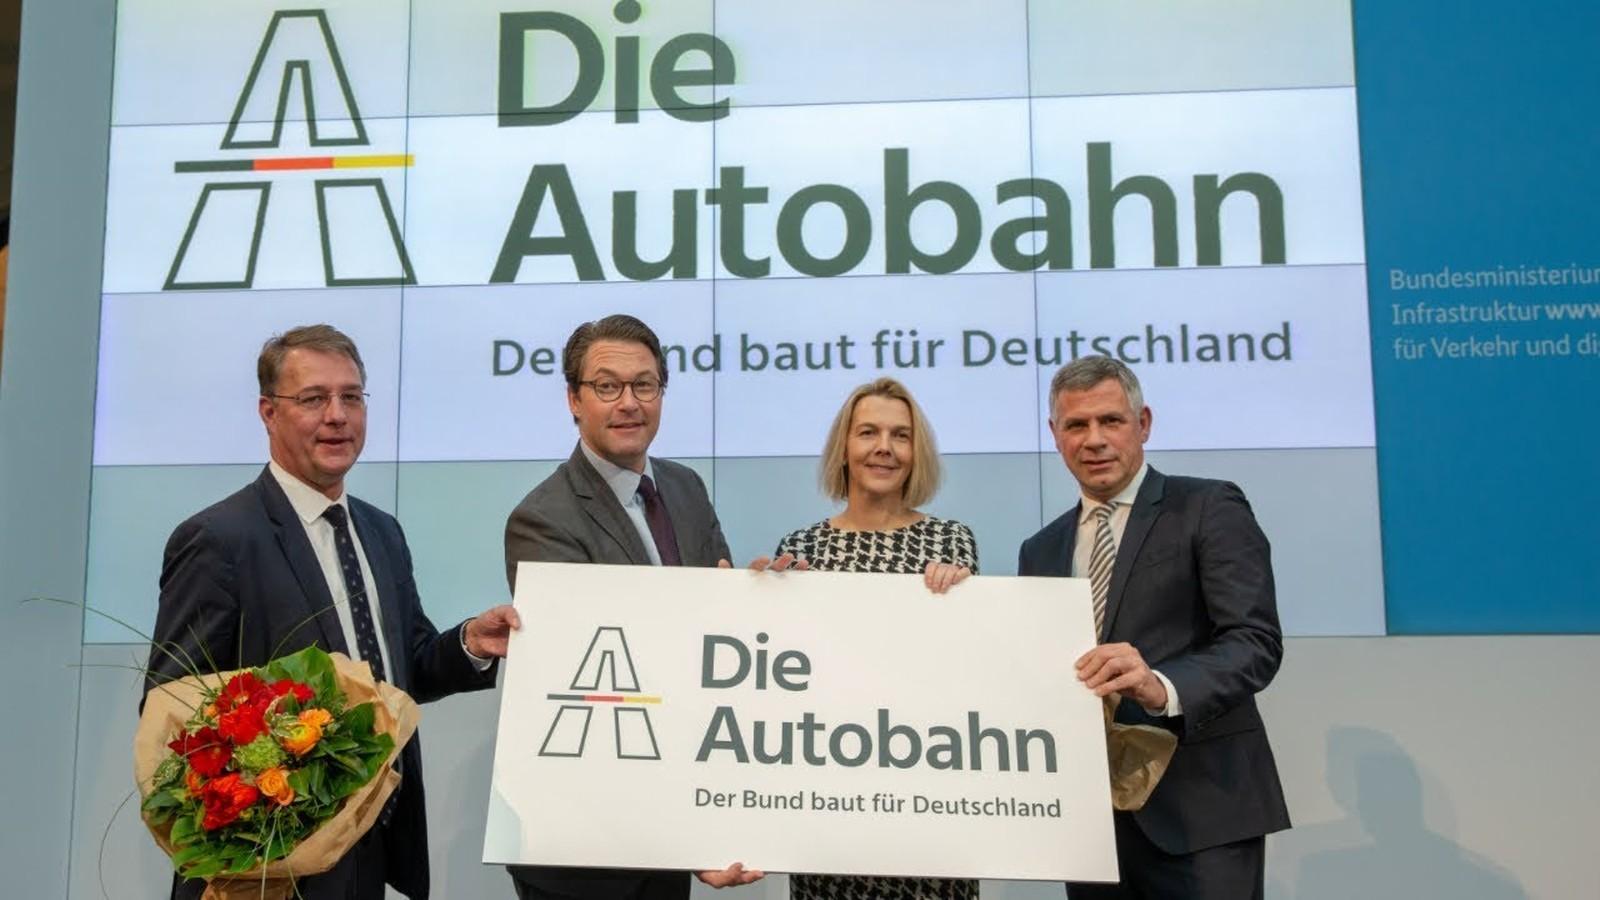 Die Geschäftsführung der Autobahn GmbH und Minister Scheuer